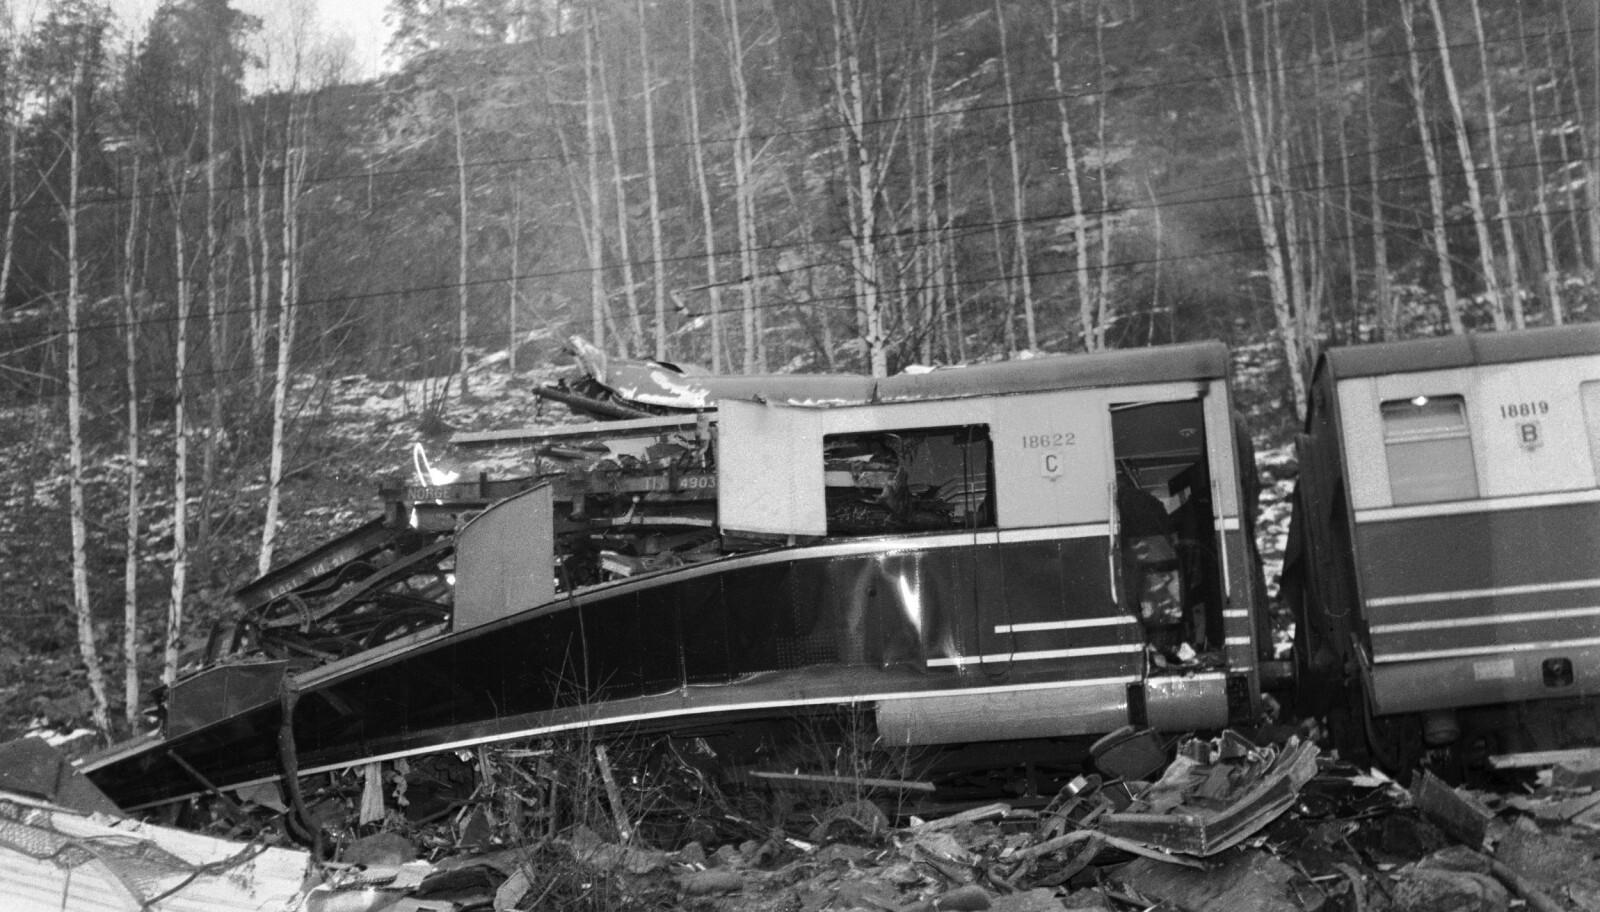 <b>HJUKSEBØ-ULYKKEN: </b>Sørlandsekspressen på vei fra Nordagutu kolliderte med fire godsvogner som uten lokomotiv og bremser raste ned den bratte hellingen fra Hjuksebø stasjon. 14 mennesker omkom og 9 ble skadet. Her fra ulykkesstedet, er opprydning